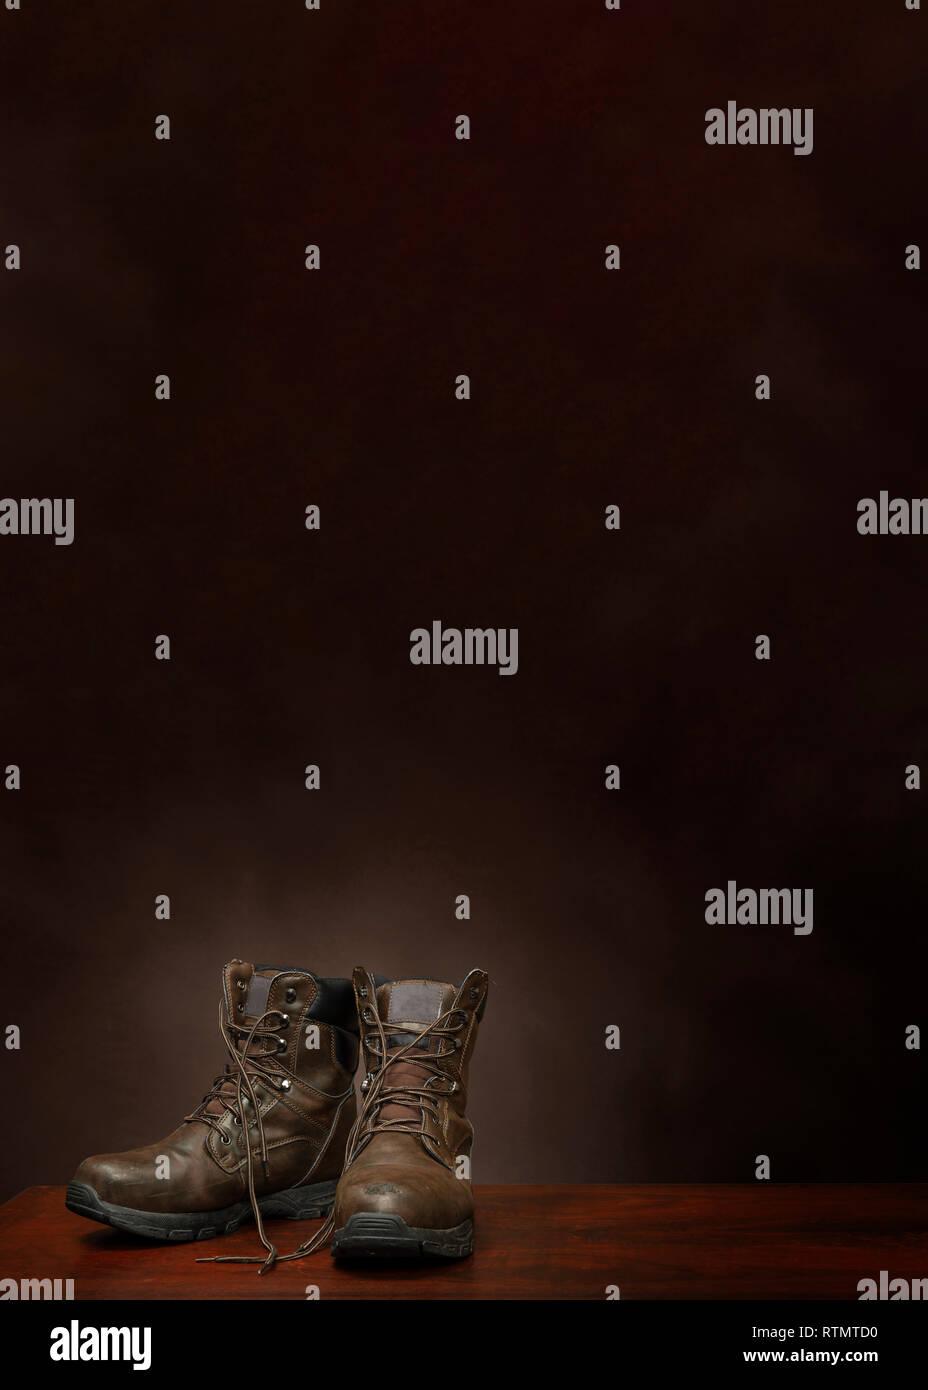 Stivali Da Lavoro Immagini & Stivali Da Lavoro Fotos Stock